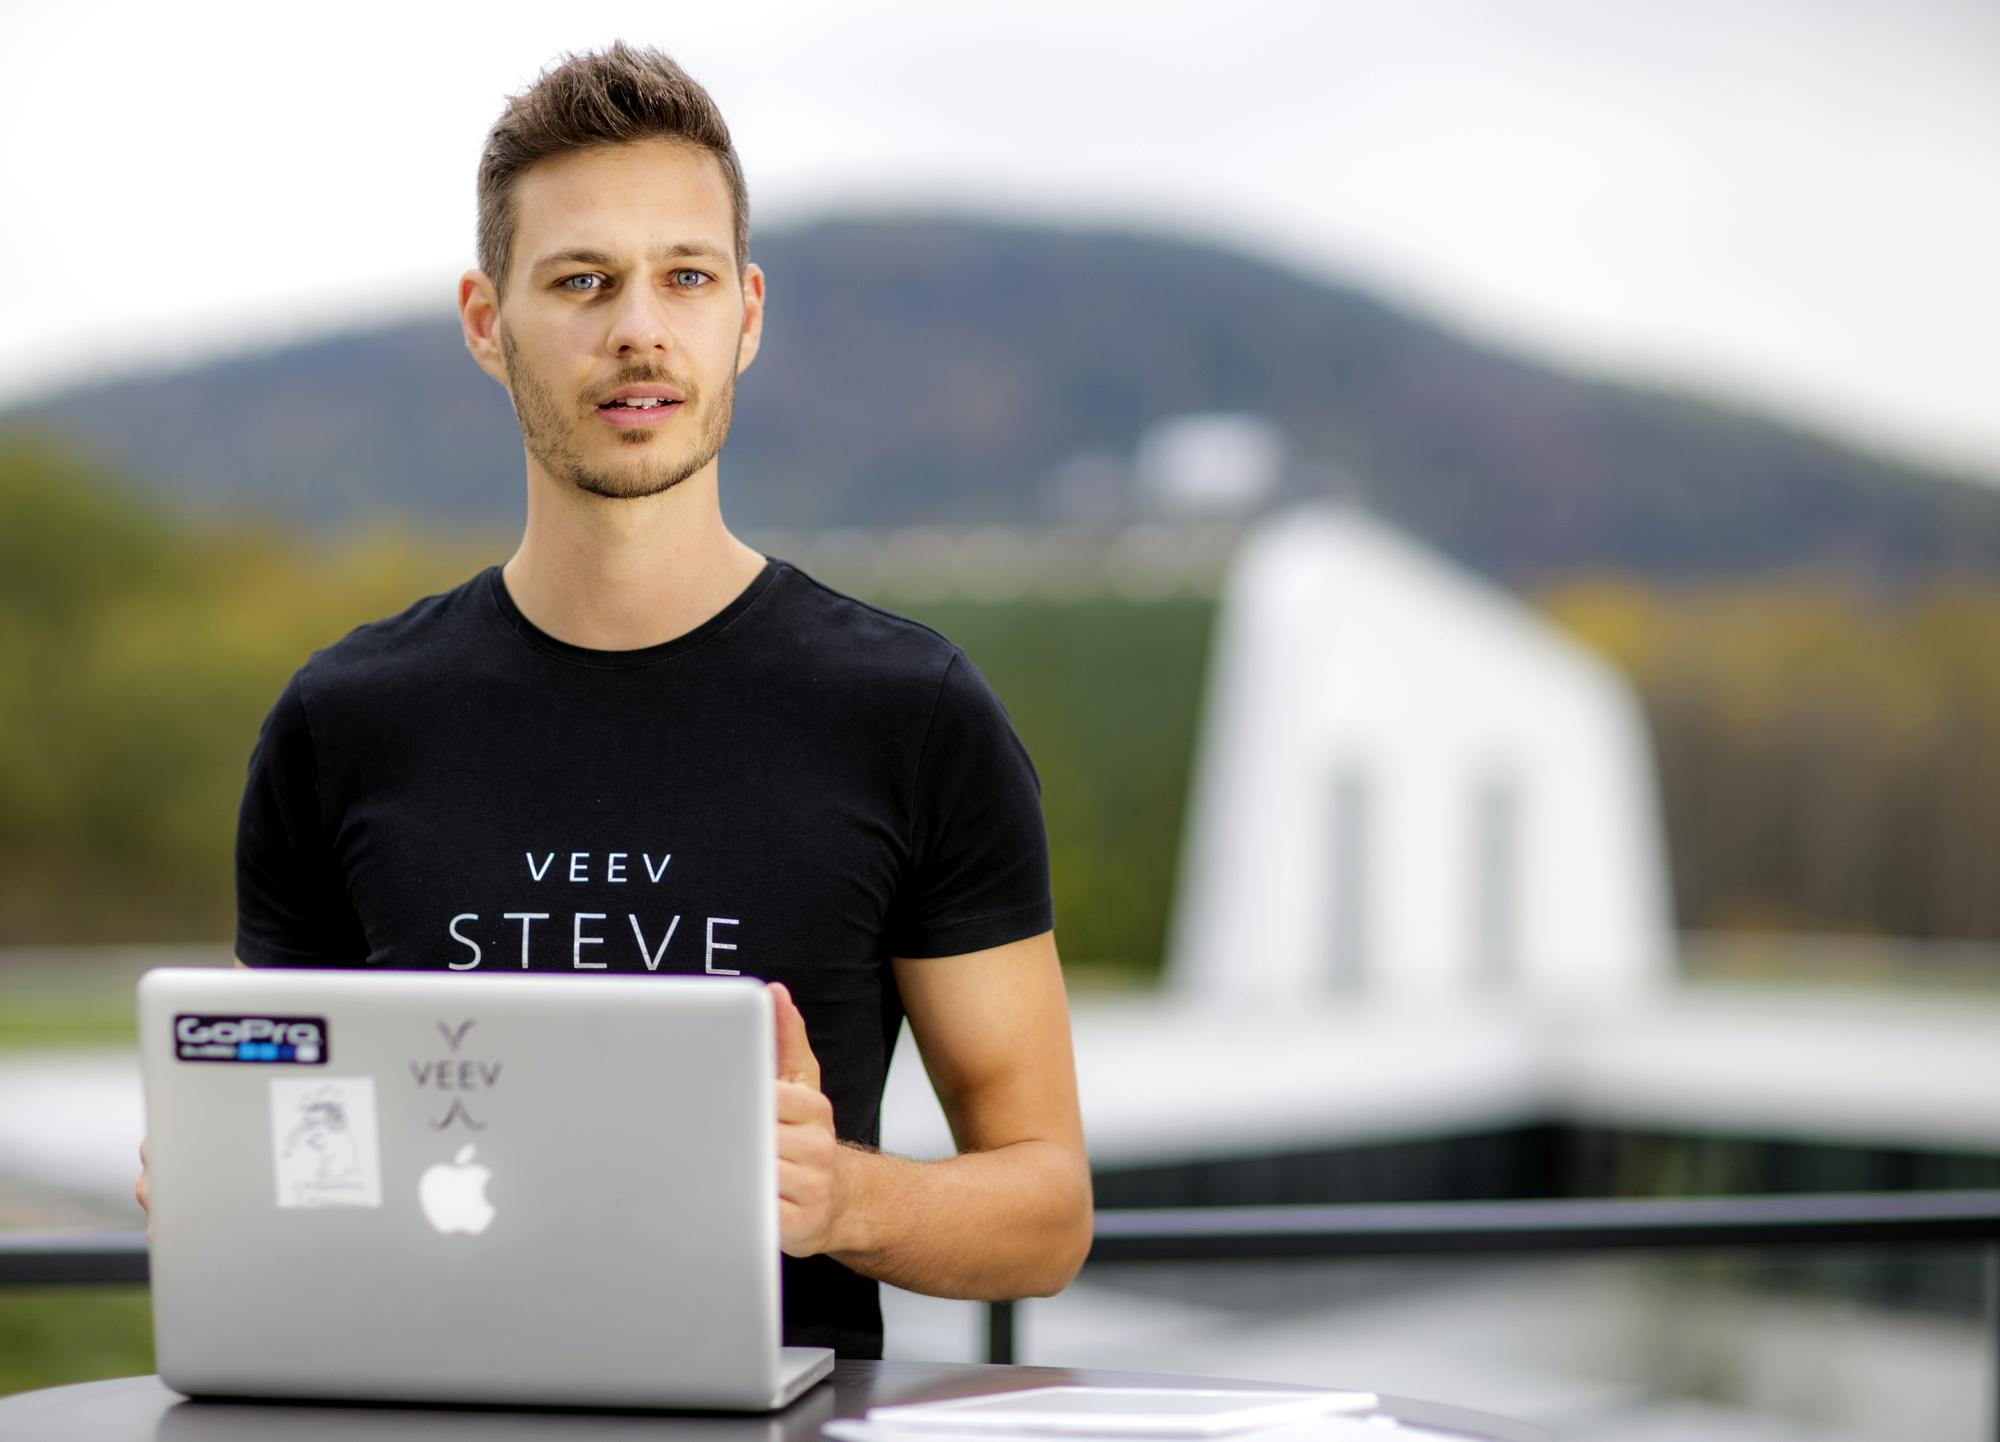 Stefan beim Newsletter schreiben.